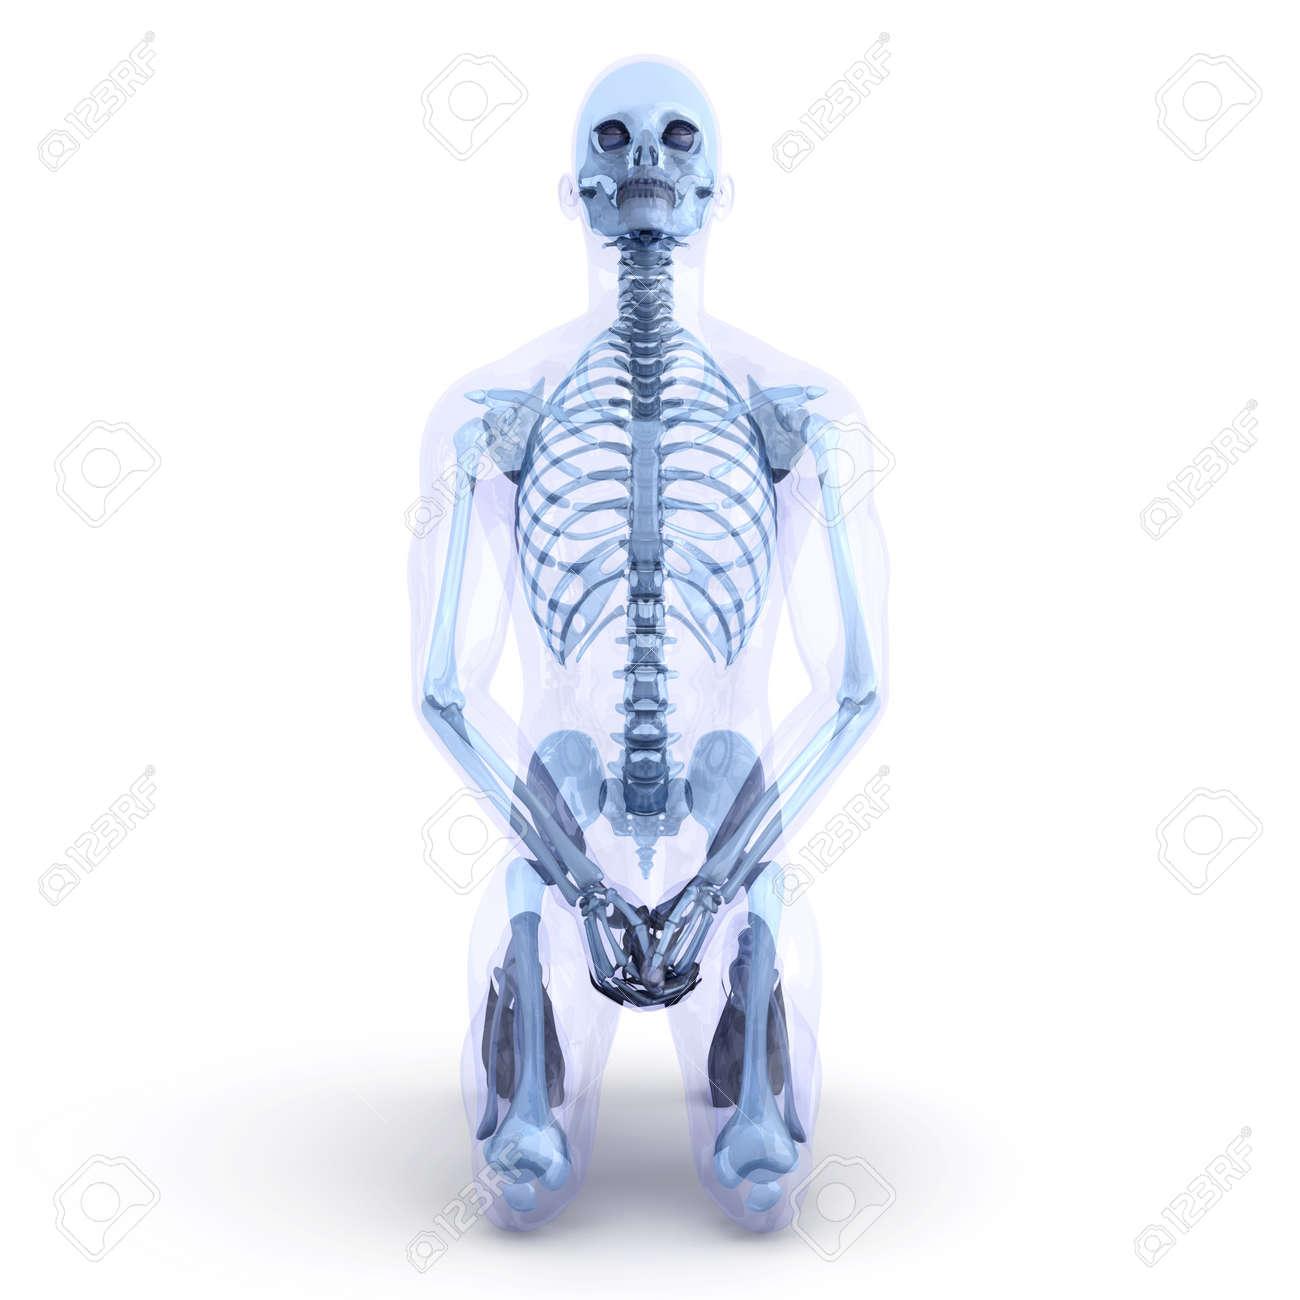 Un Cuerpo Masculino, Humano, Translúcido. Visualización De La ...